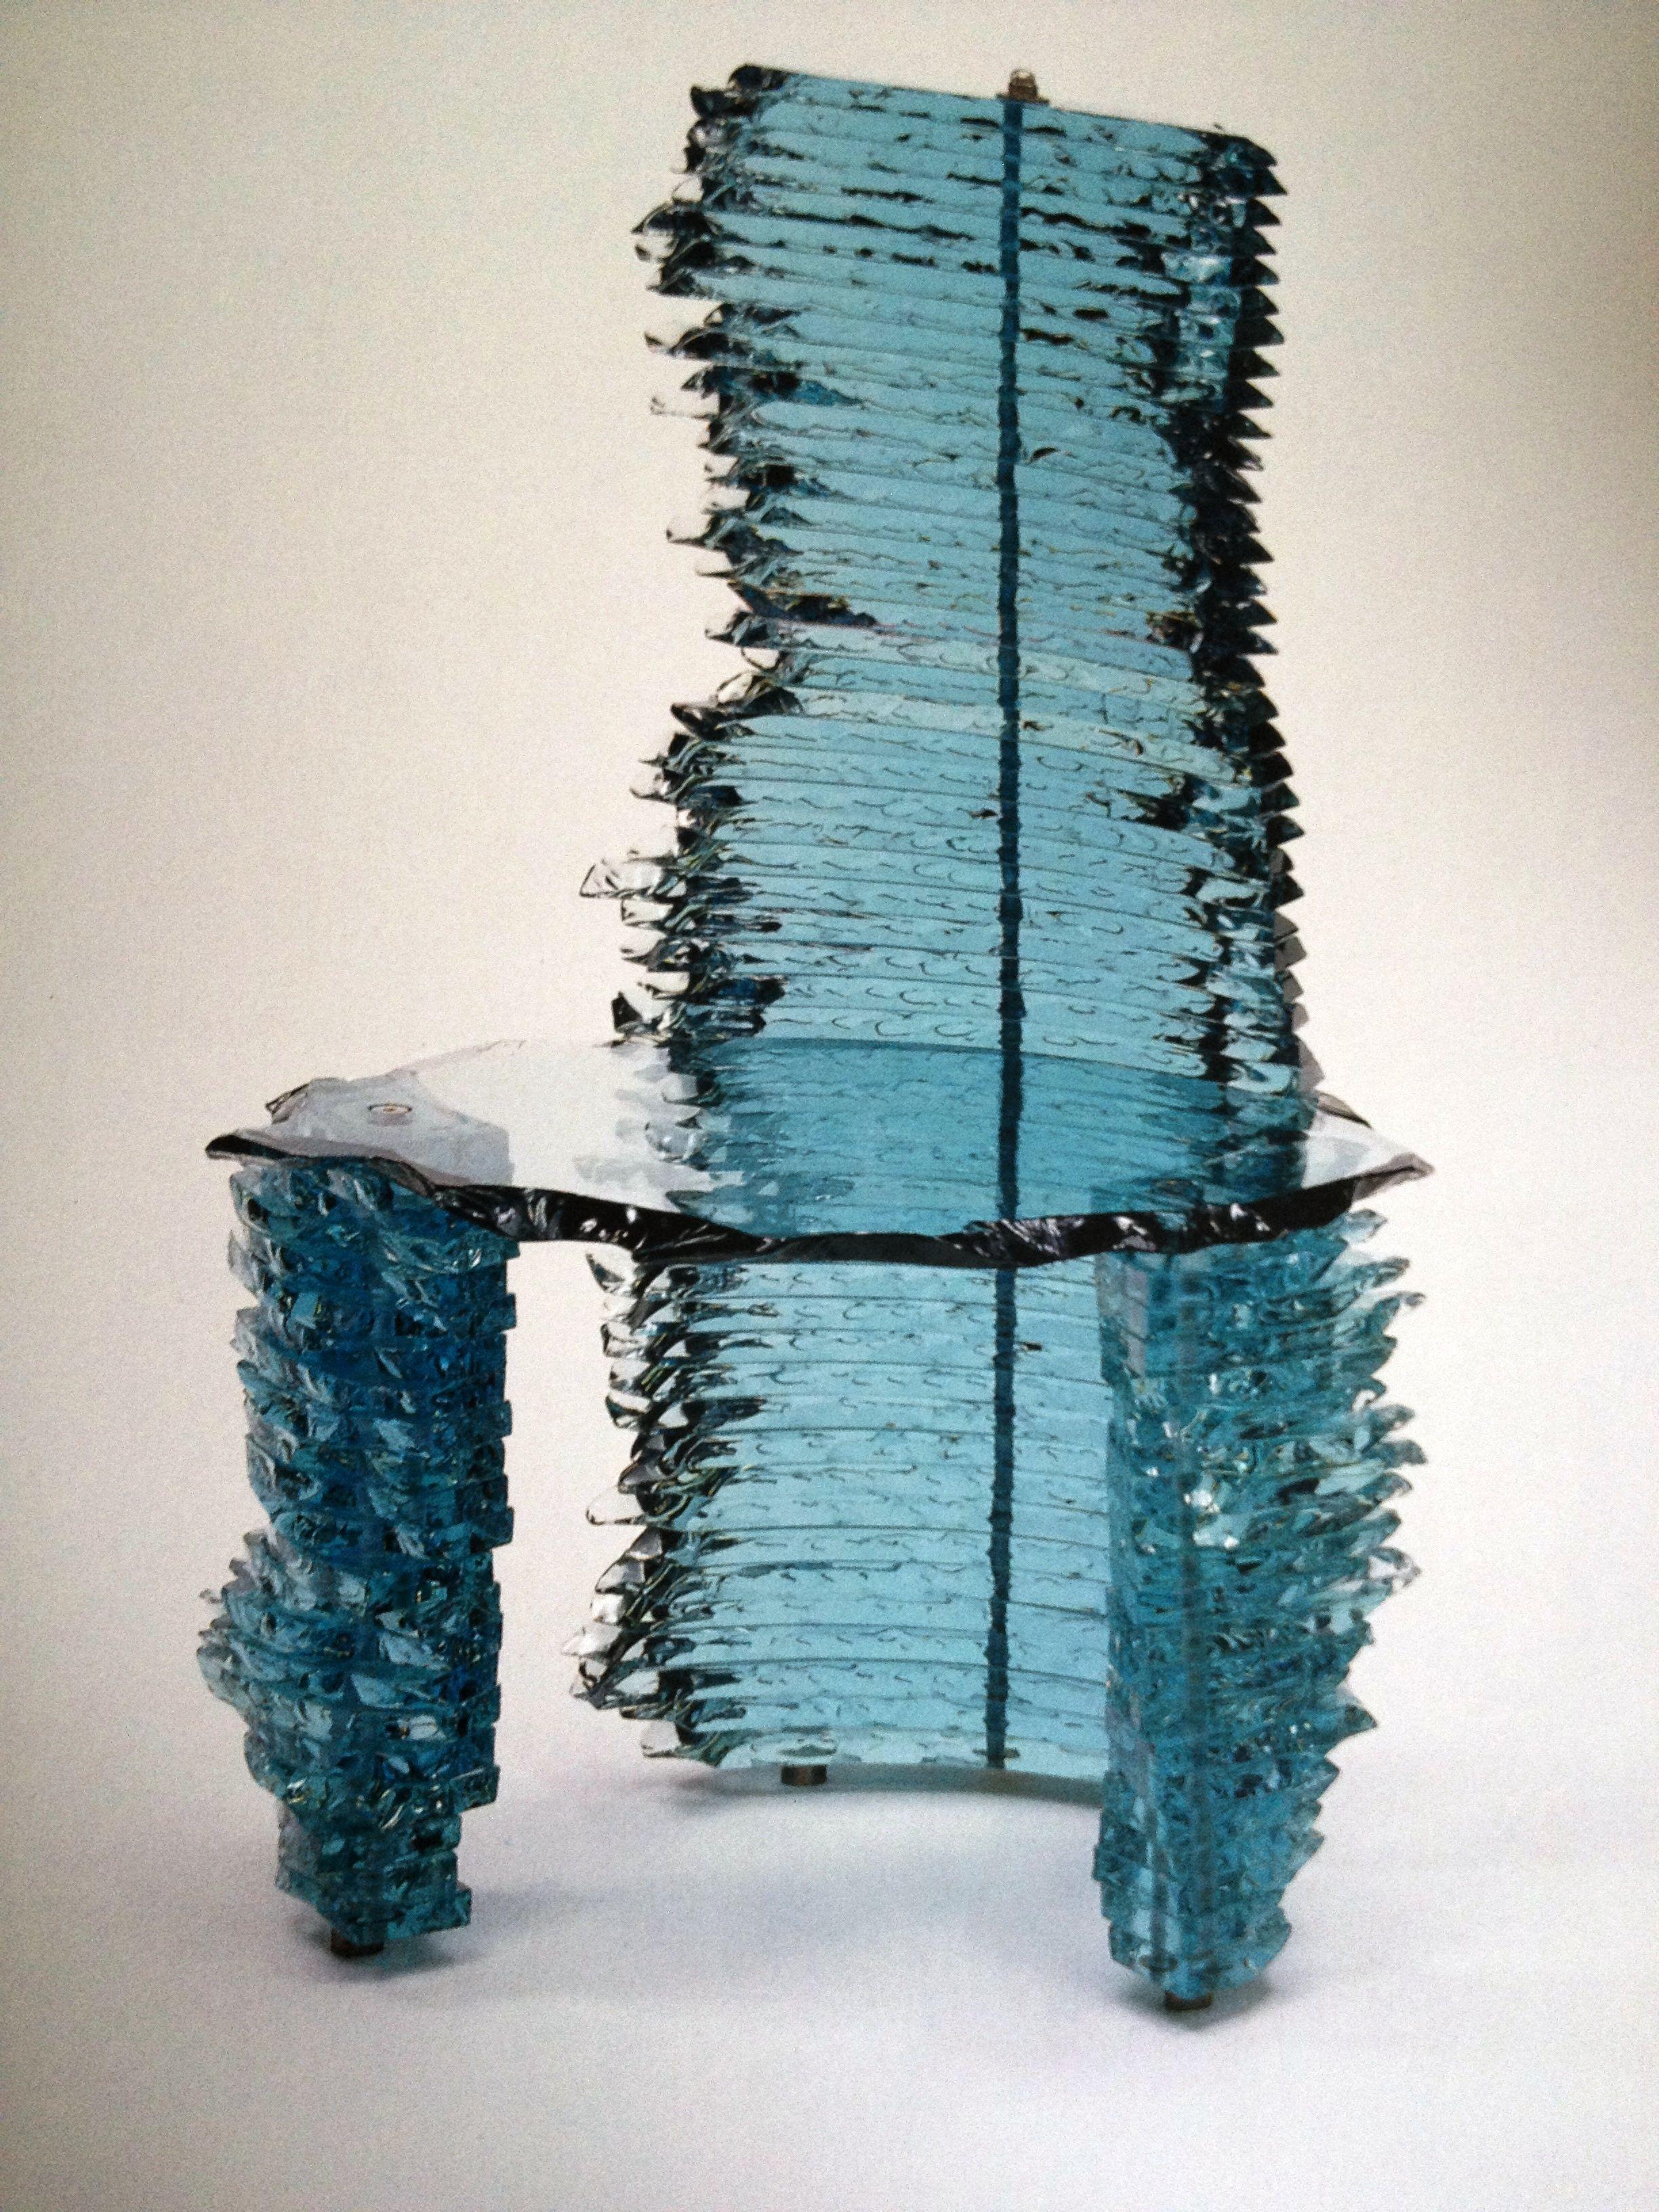 Glass Chair - Danny Lane 7  Glass chair, Glass sculpture